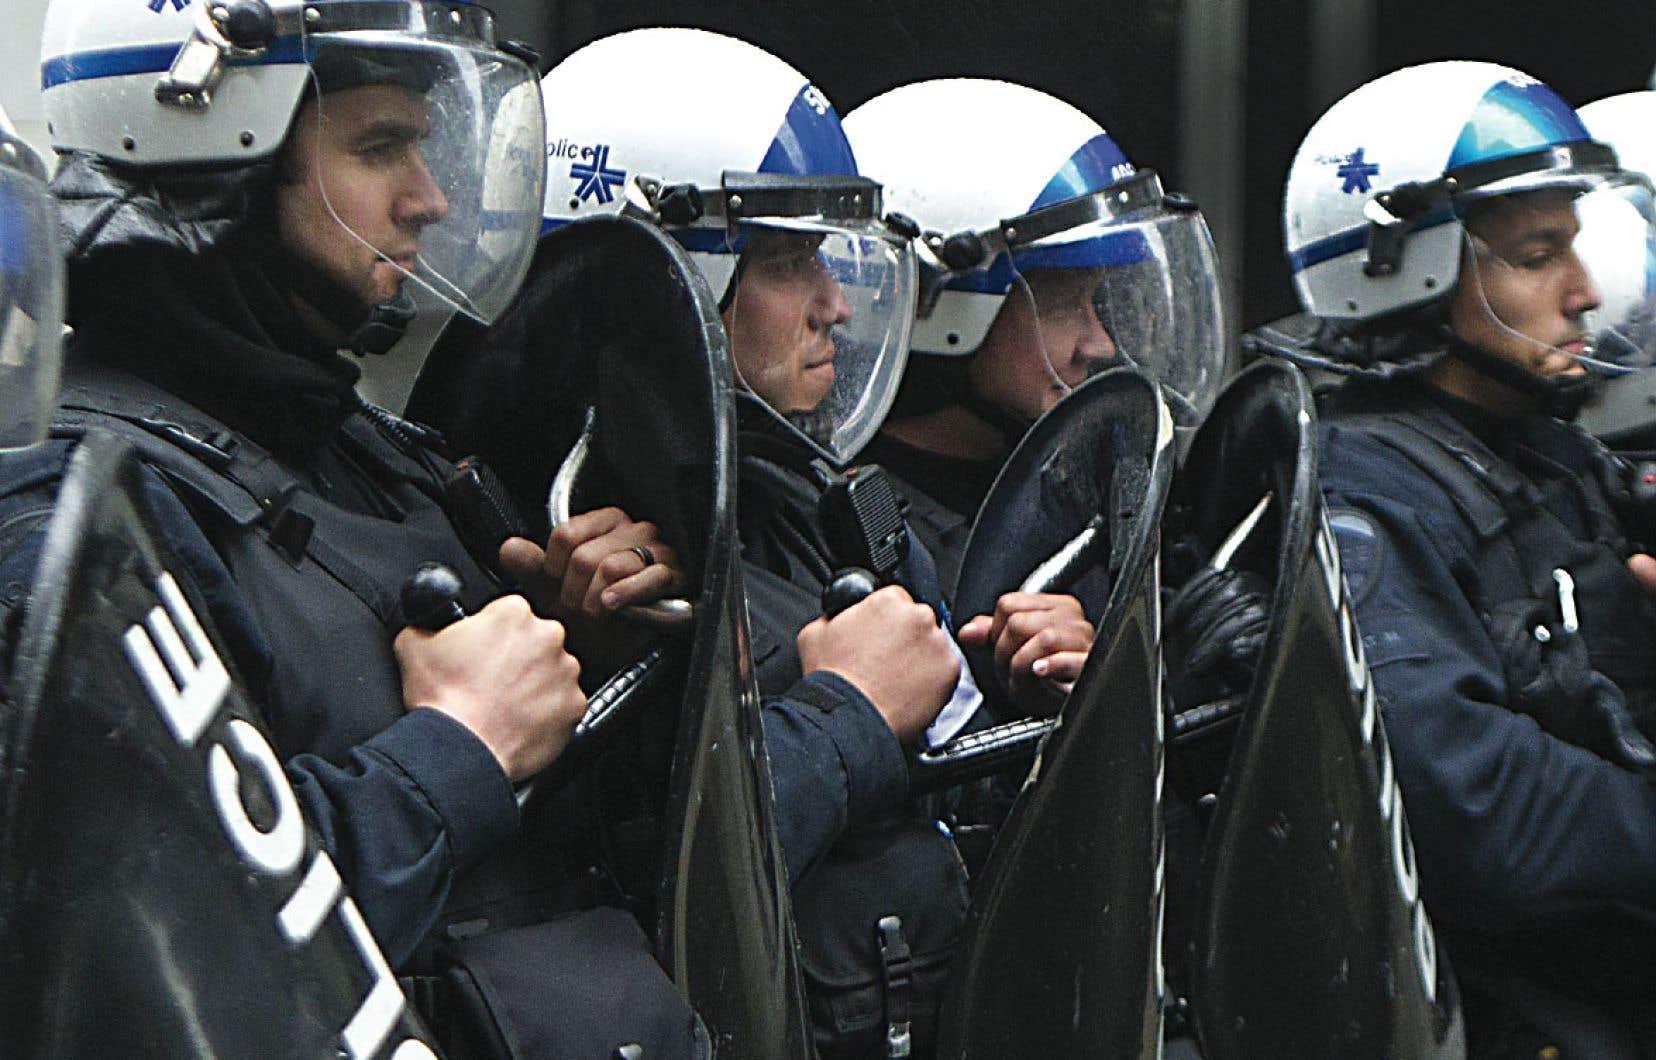 Le plaignant reprochait aux policiers de l'avoir frappé à la tête à l'aide d'une matraque de 36 pouces et de lui avoir ensuite donné un coup de bouclier lors d'une manifestation le 1ermai 2012.